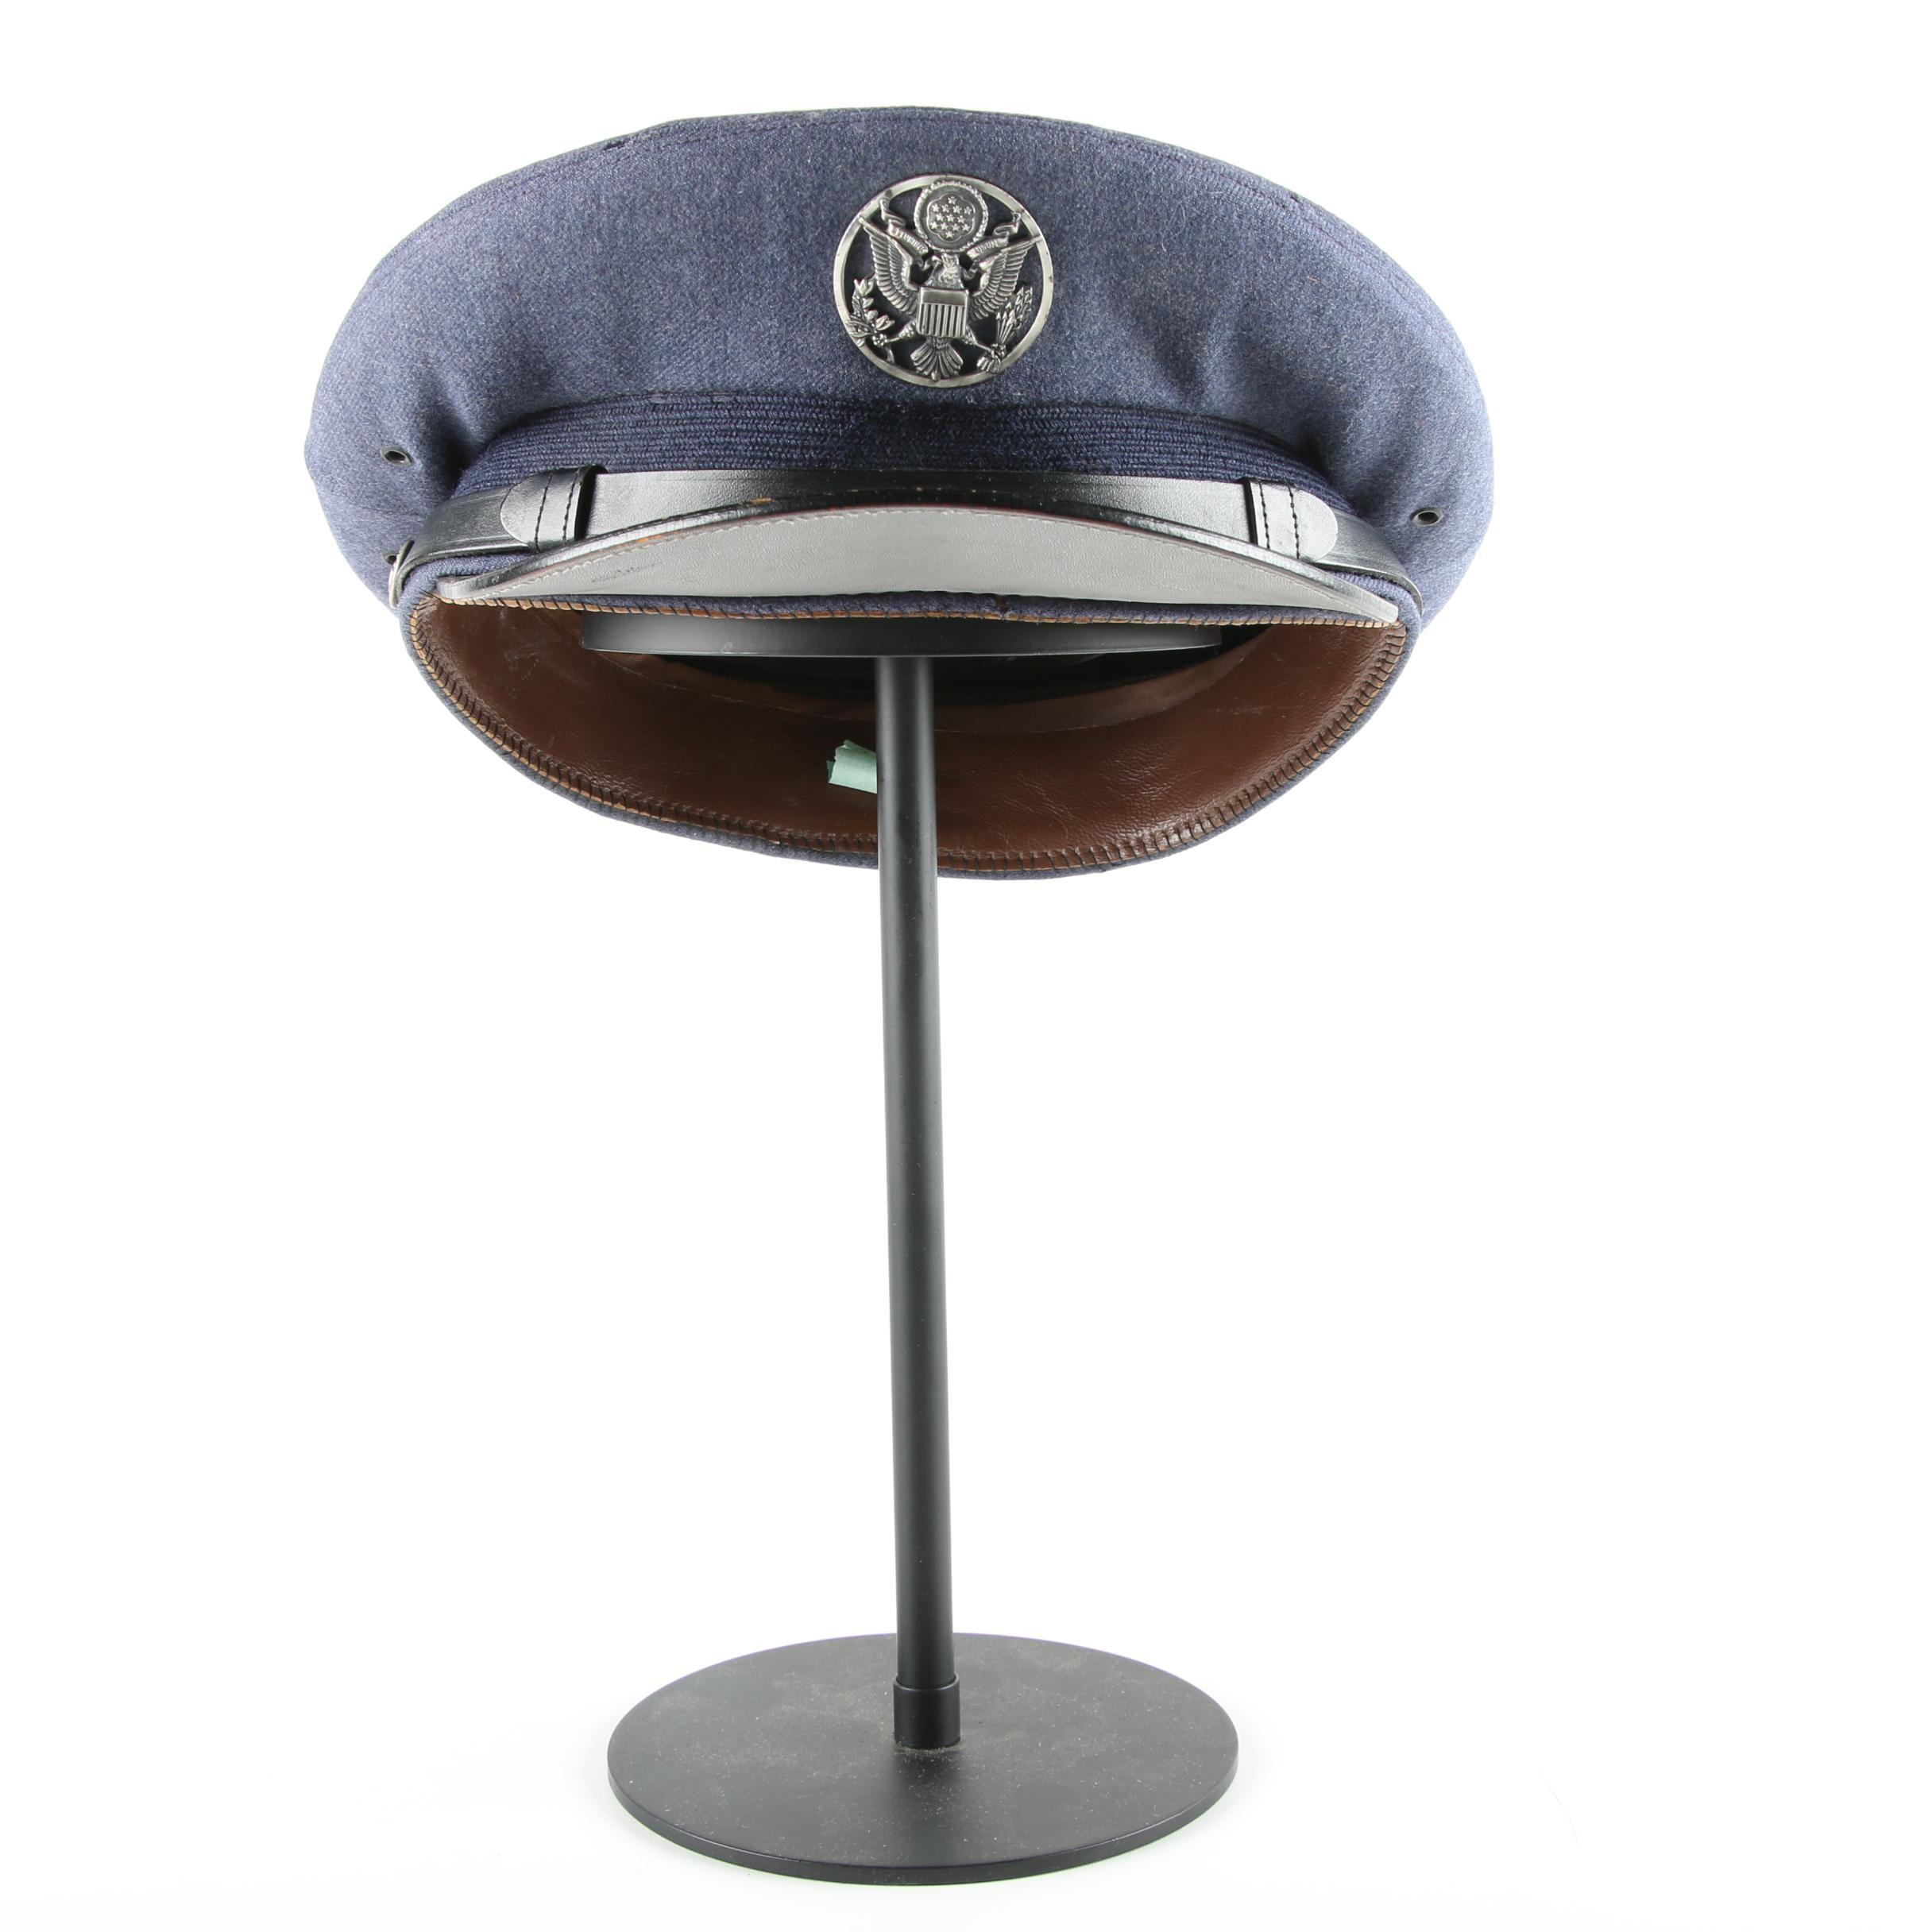 Vintage U.S. Air Force Uniform Cap